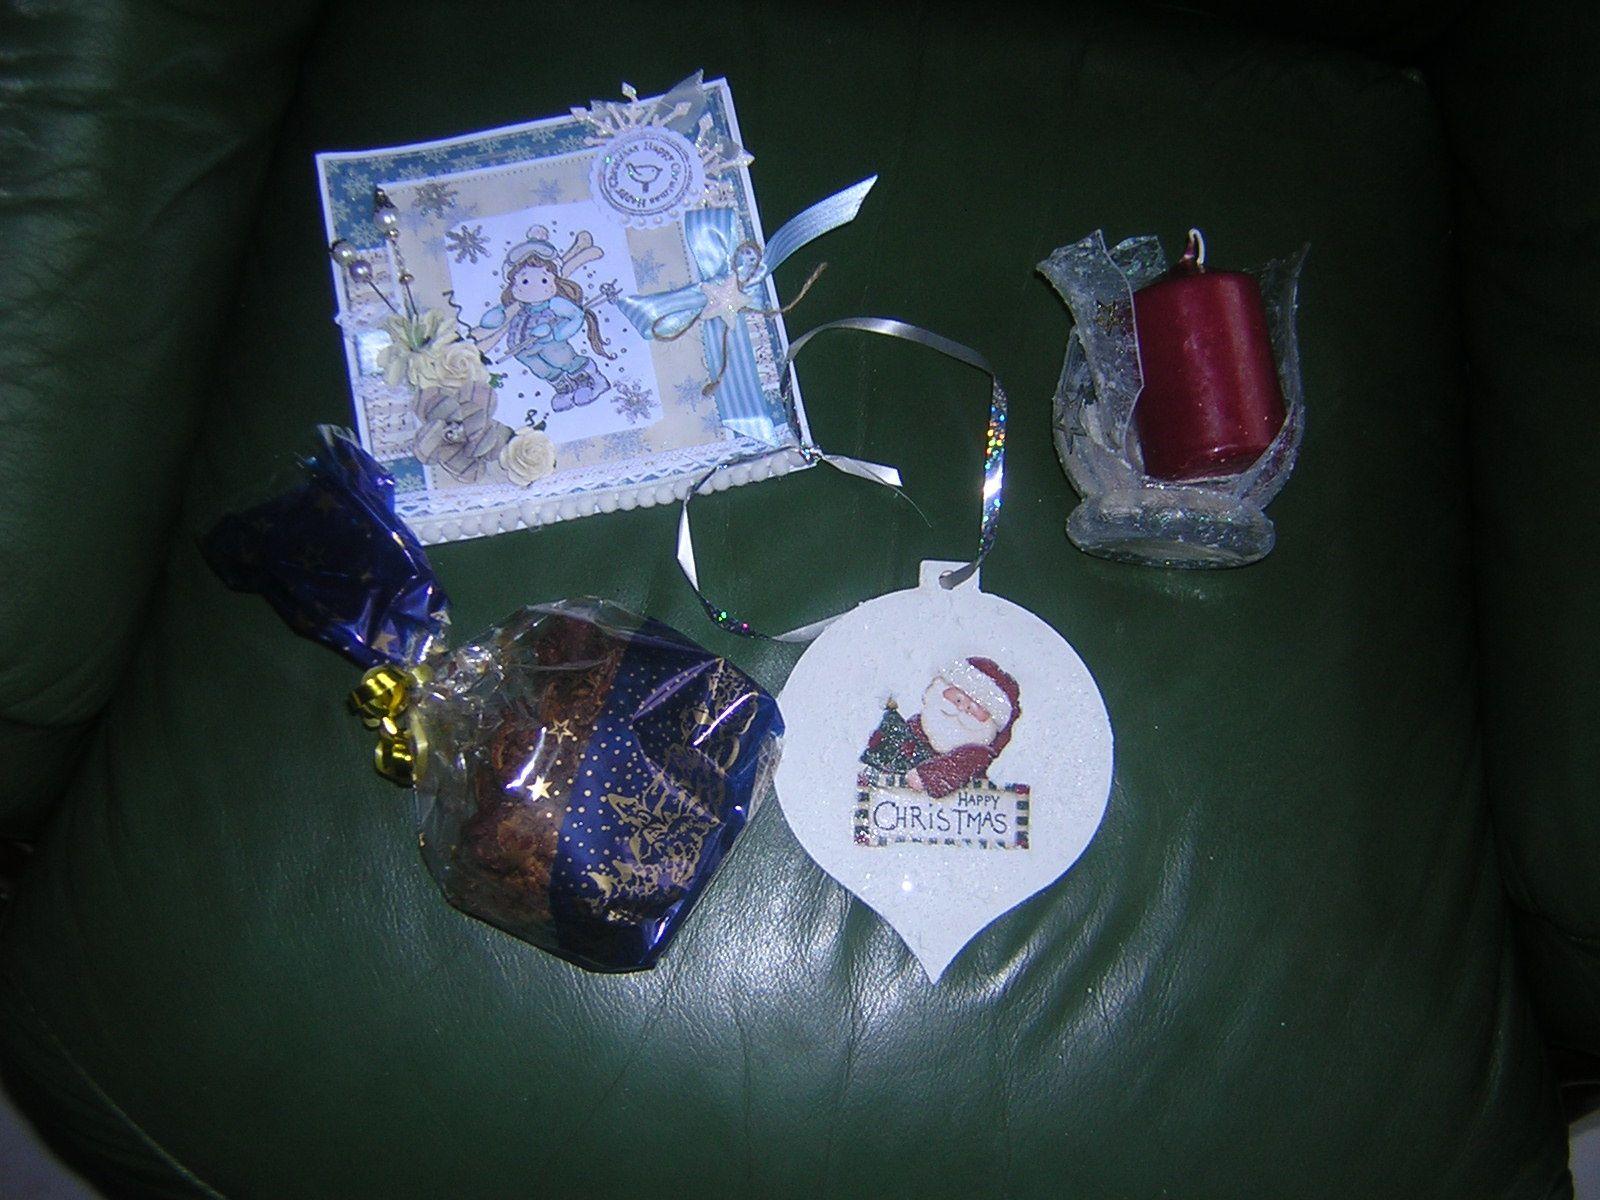 echange de noel chez Passion Shabby, une petite carte cadeau